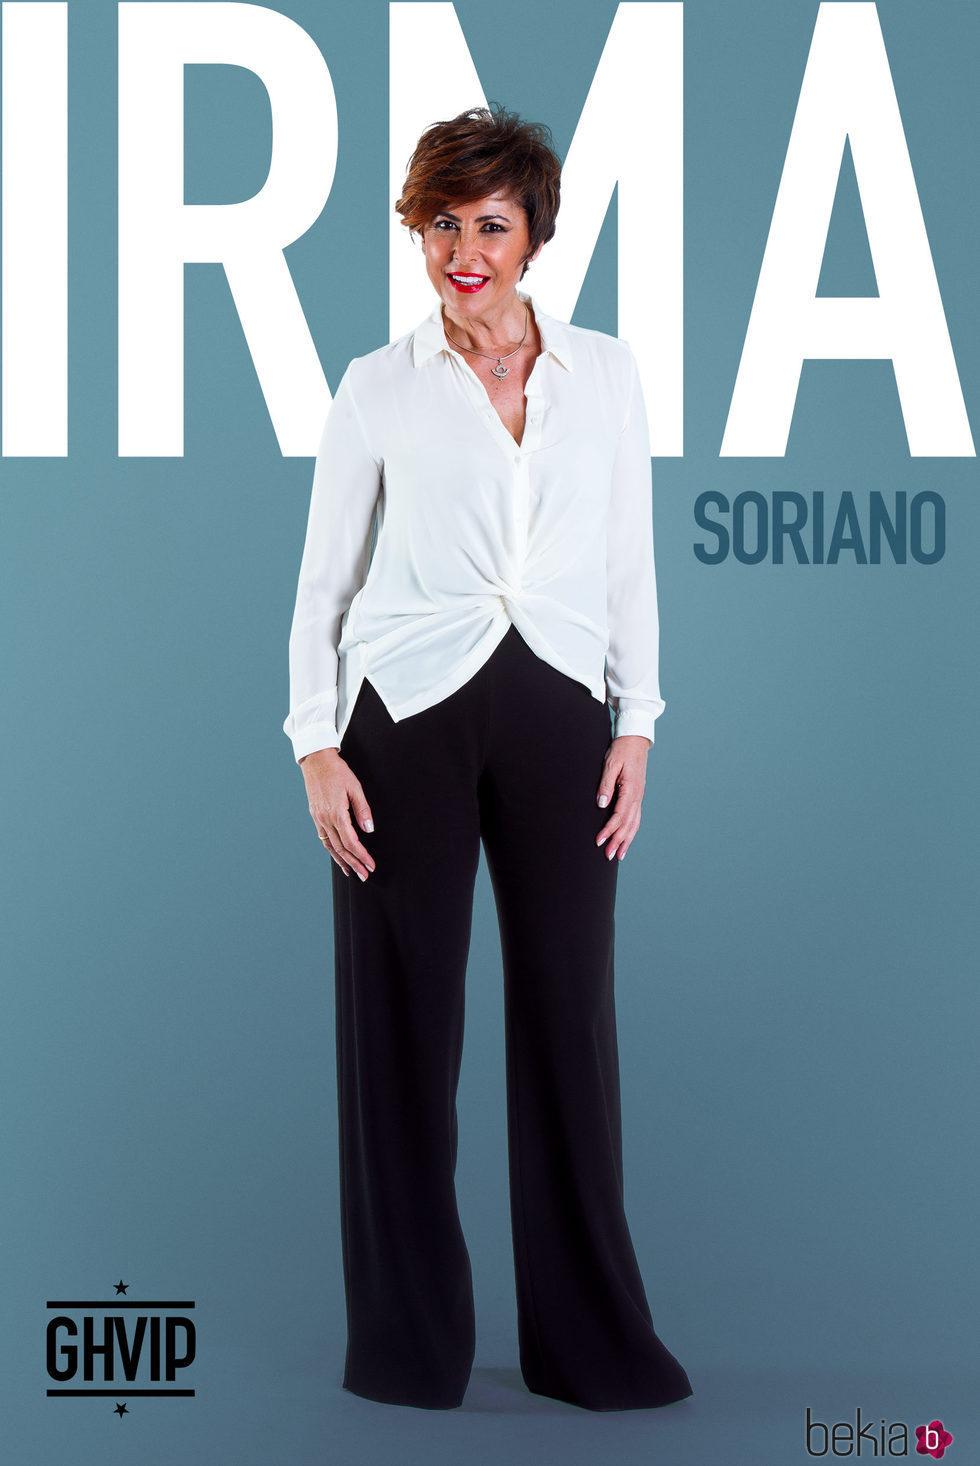 Irma Soriano en la fotografía oficial de 'Gran Hermano VIP 5'